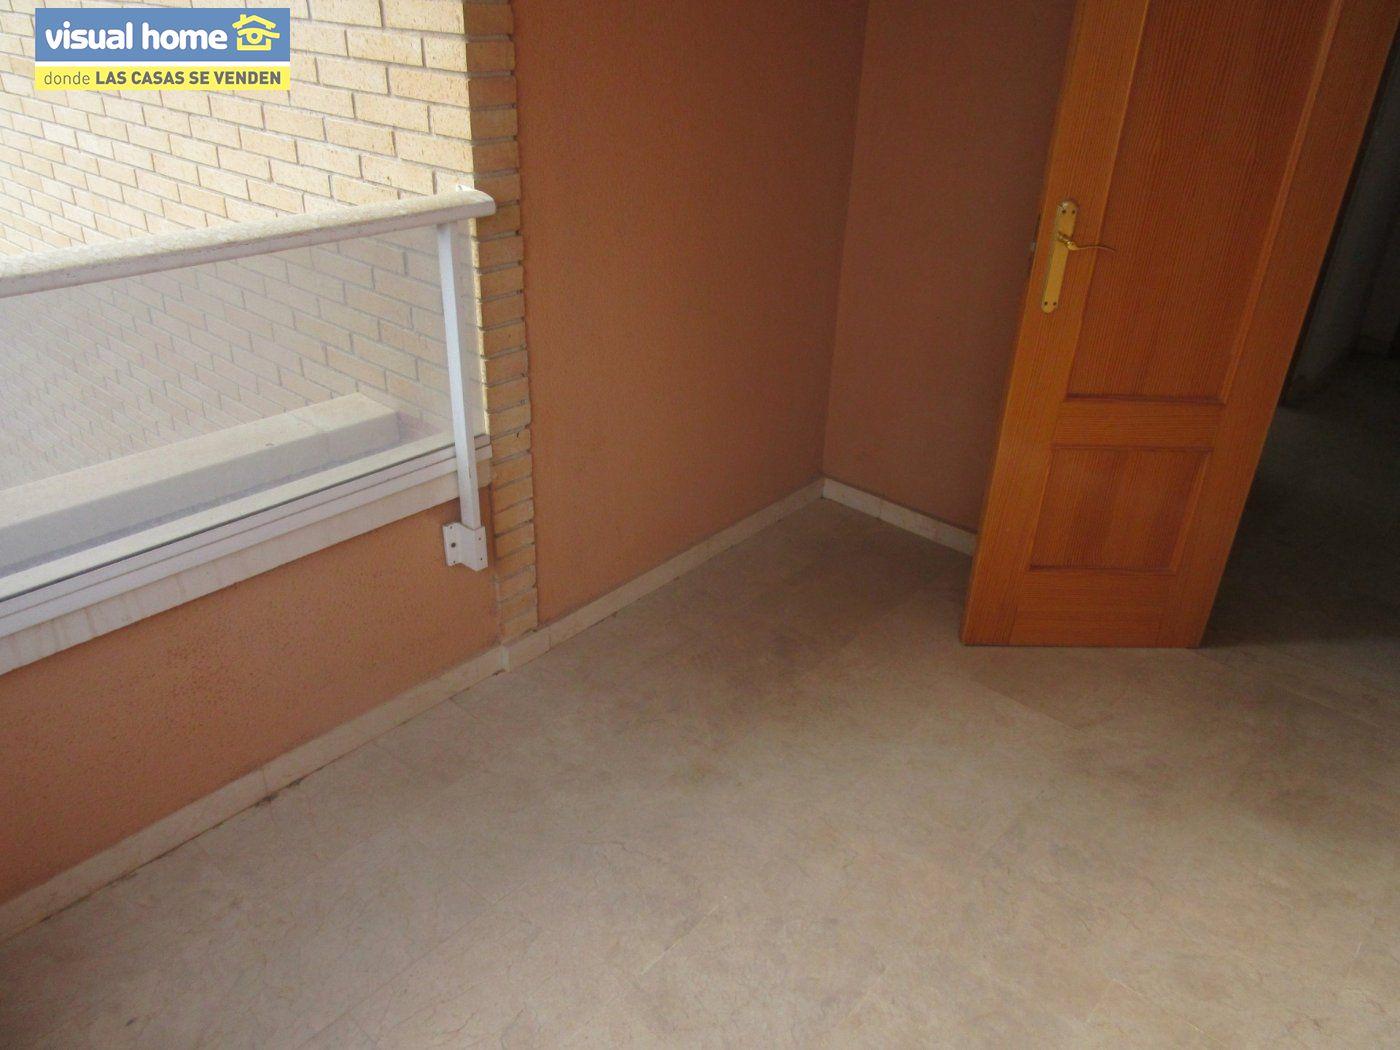 Apartamento nuevo a estrenar de  1 dormitorio(posible 2º) con garaje y piscina en Rincón de Loix 9